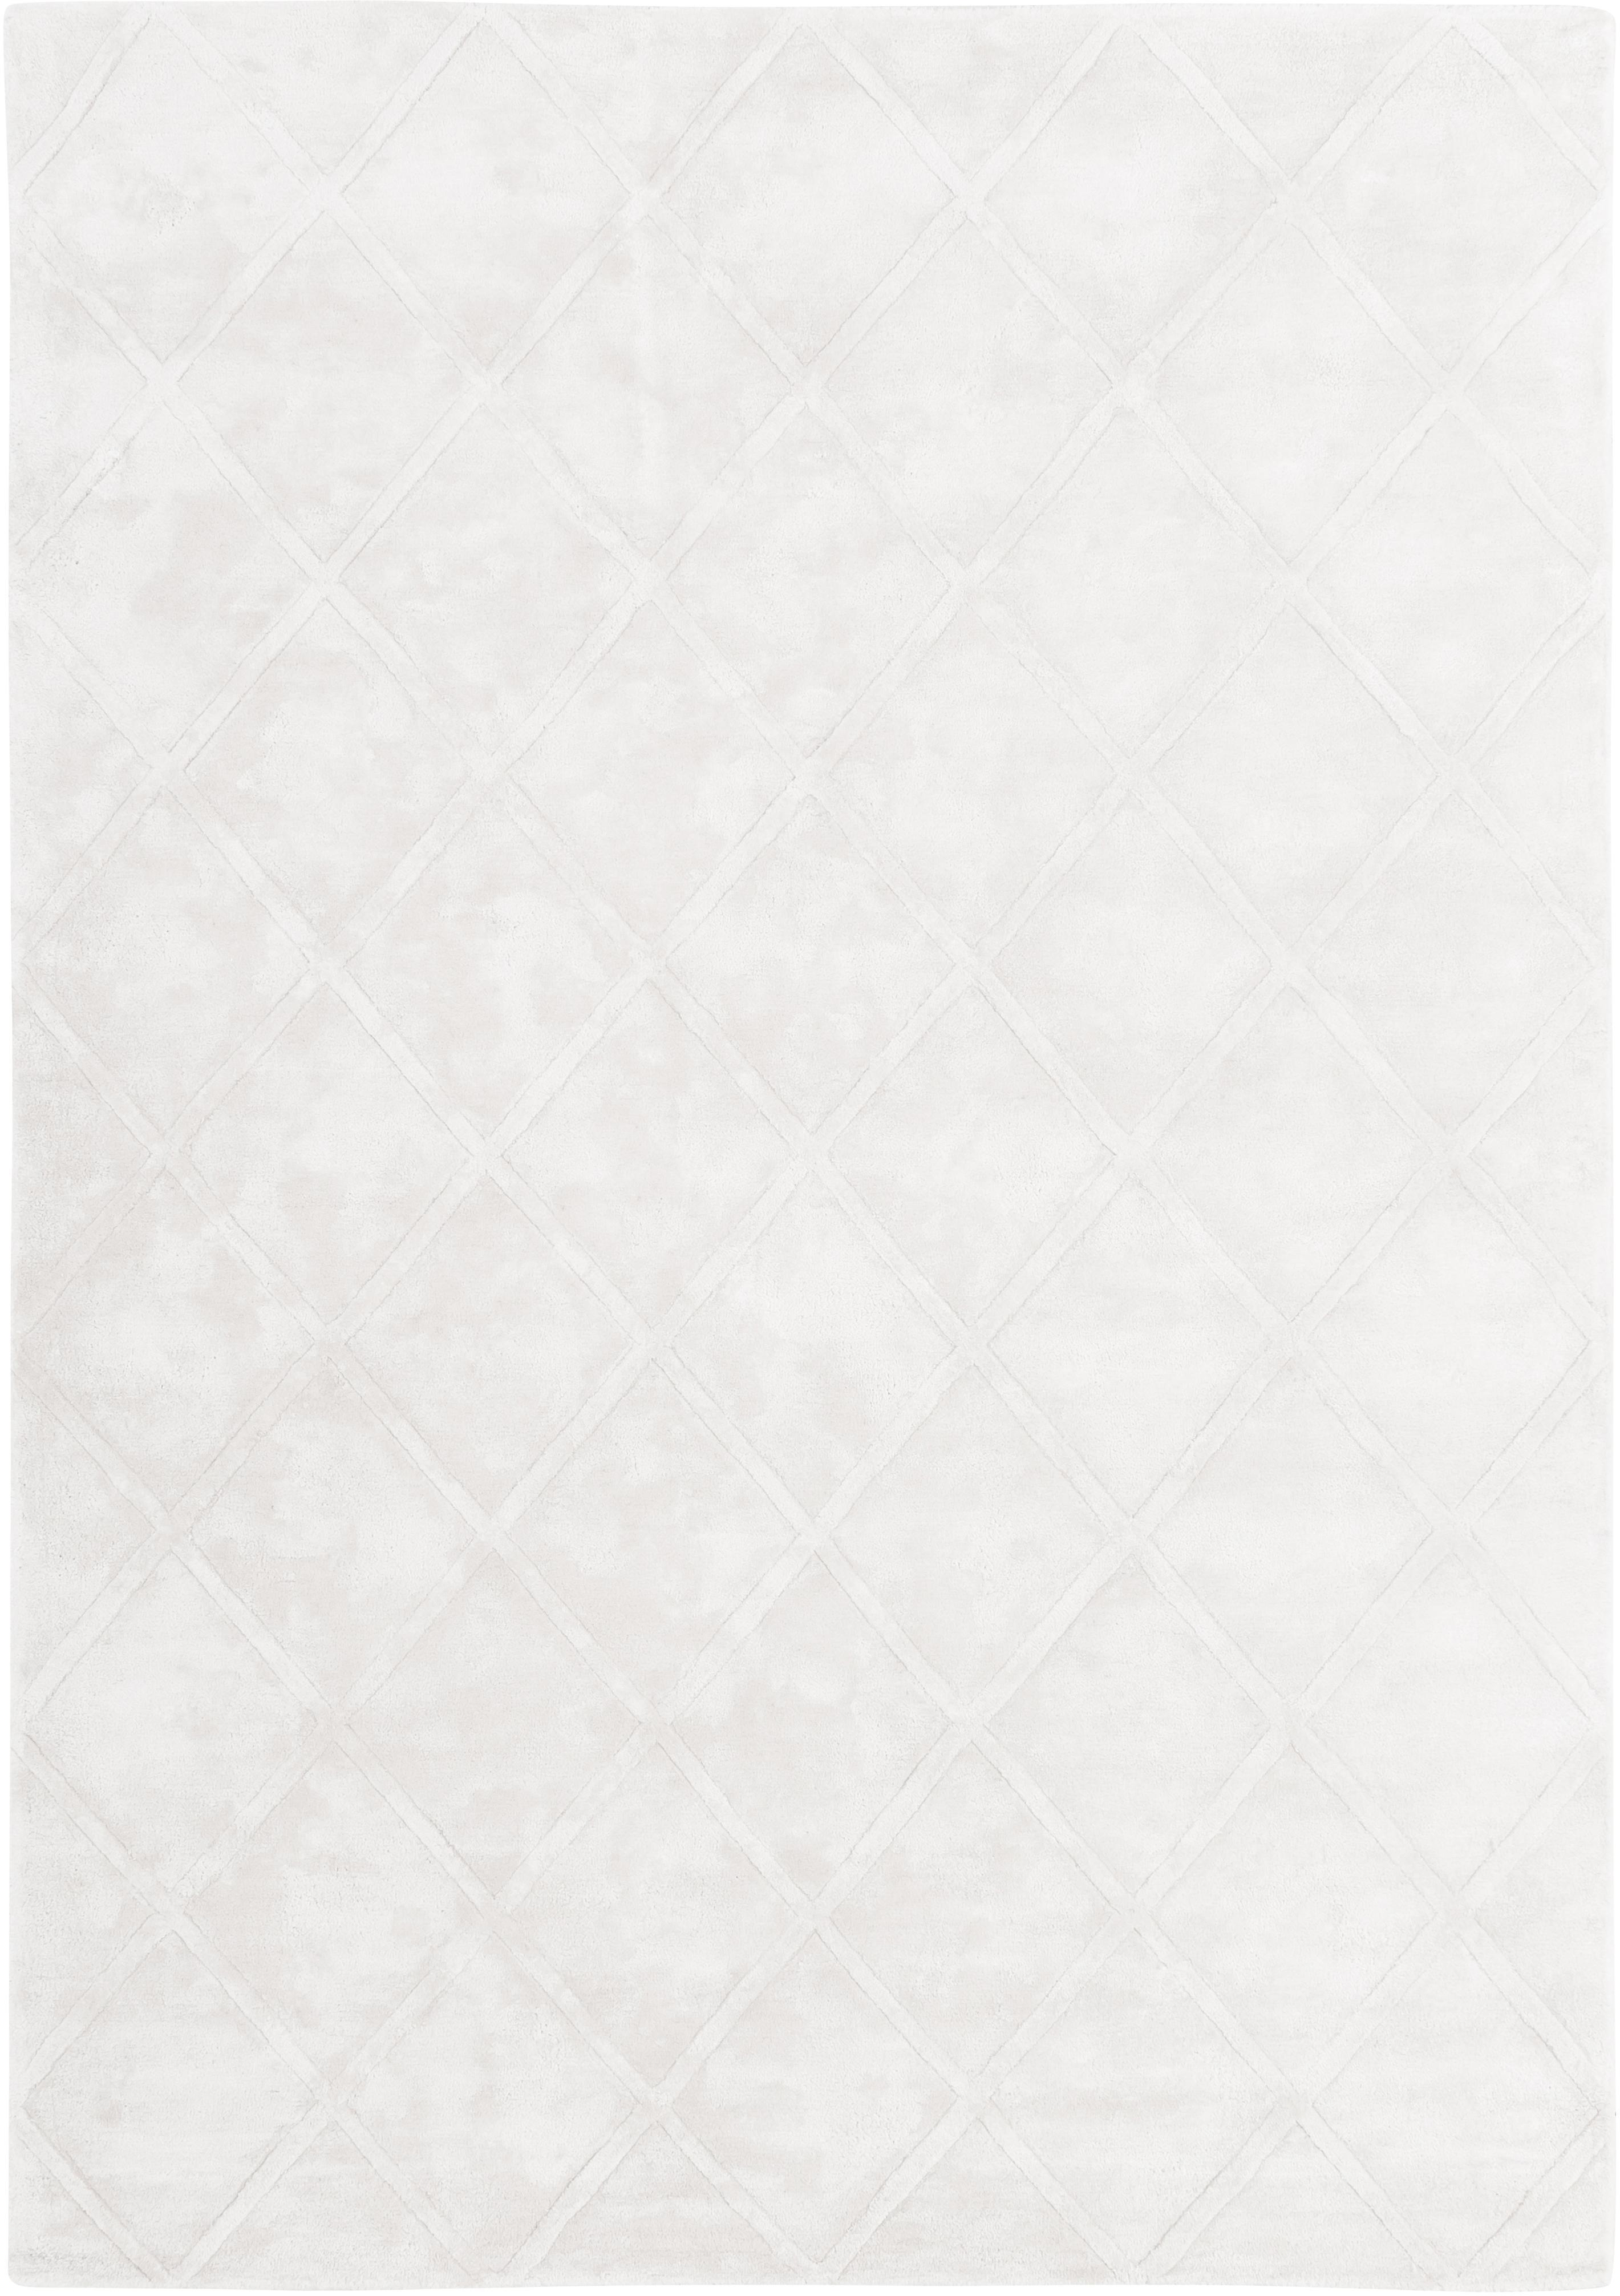 Handgetufteter Viskoseteppich Shiny in Creme mit Rautenmuster, Flor: 100% Viskose, Creme, B 160 x L 230 cm (Größe M)